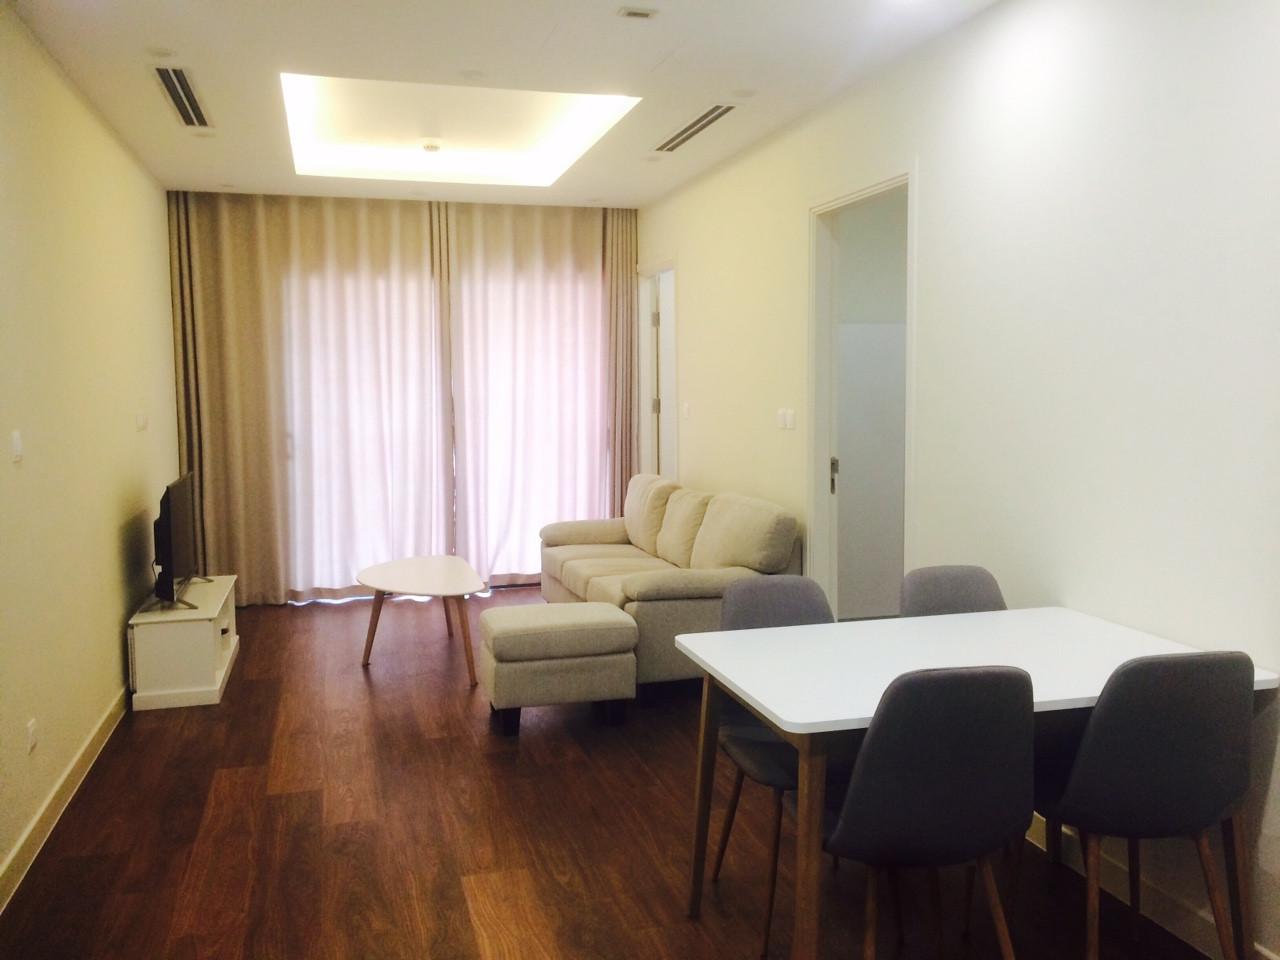 Cho thuê căn hộ Imperia Garden, Nguyễn Huy Tưởng, 2 phòng ngủ